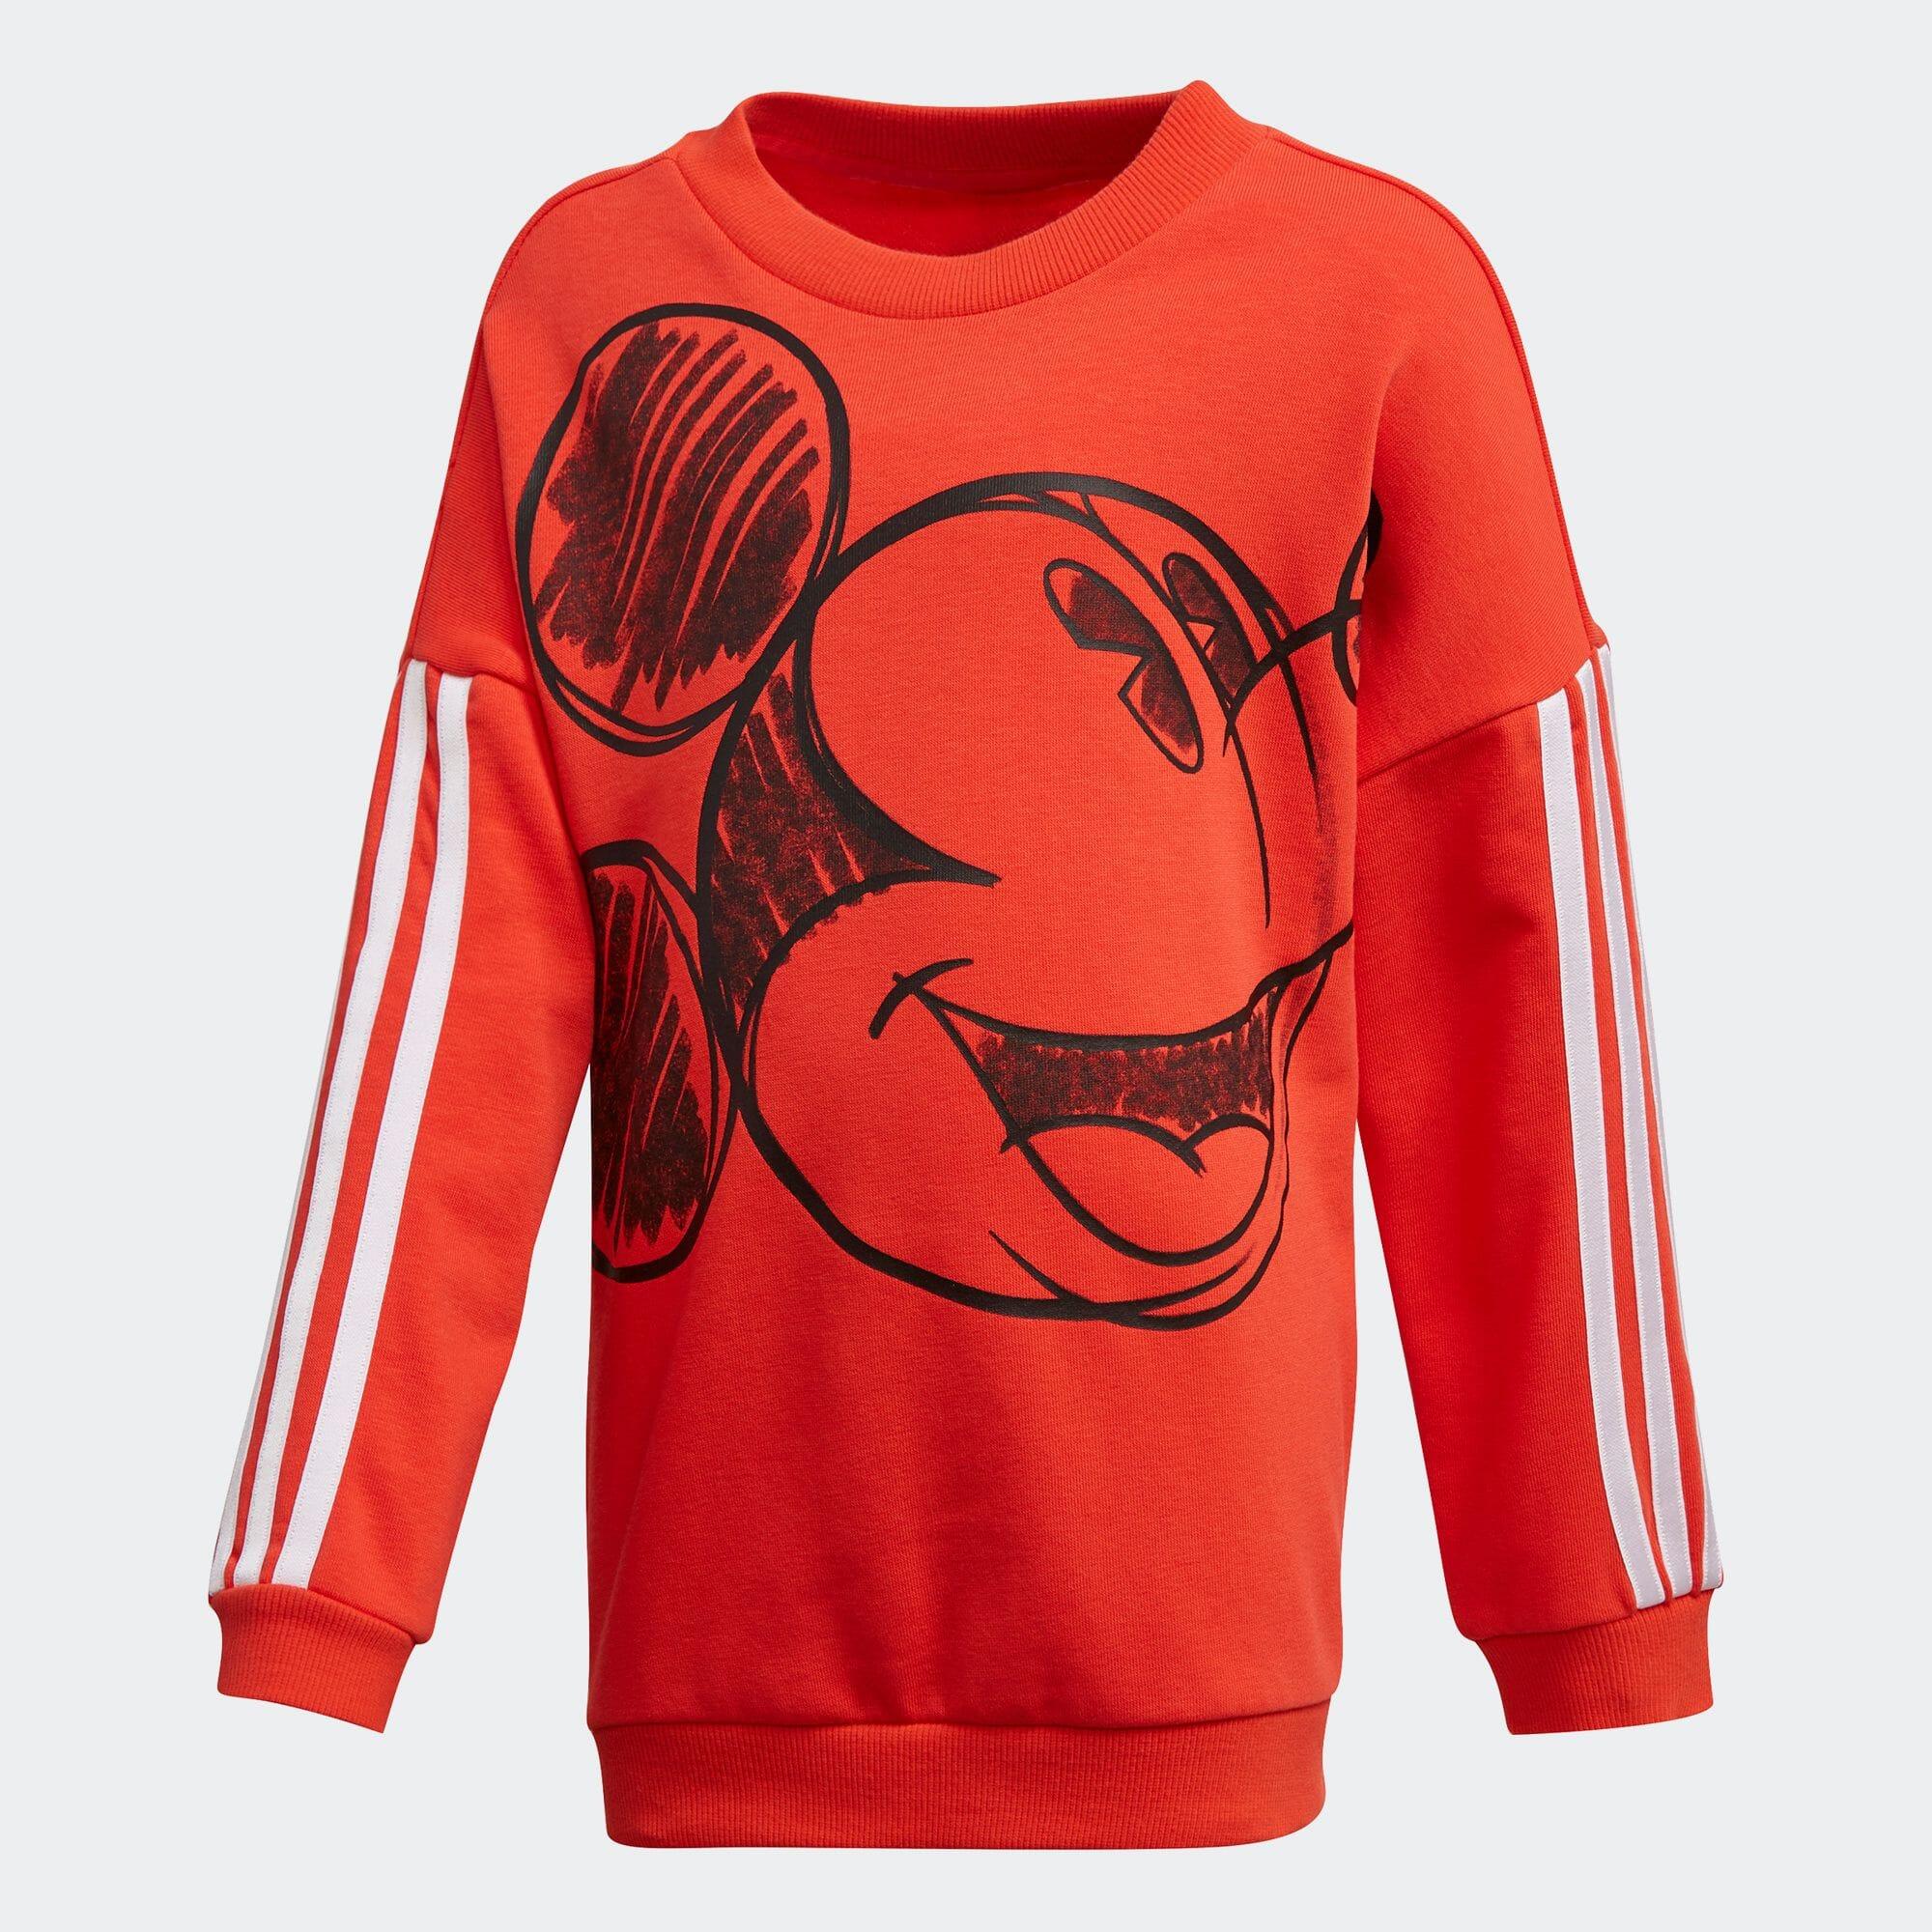 ディズニー / ミッキーマウス クルースウェットシャツ / Mickey Mouse Crew Sweatshirt